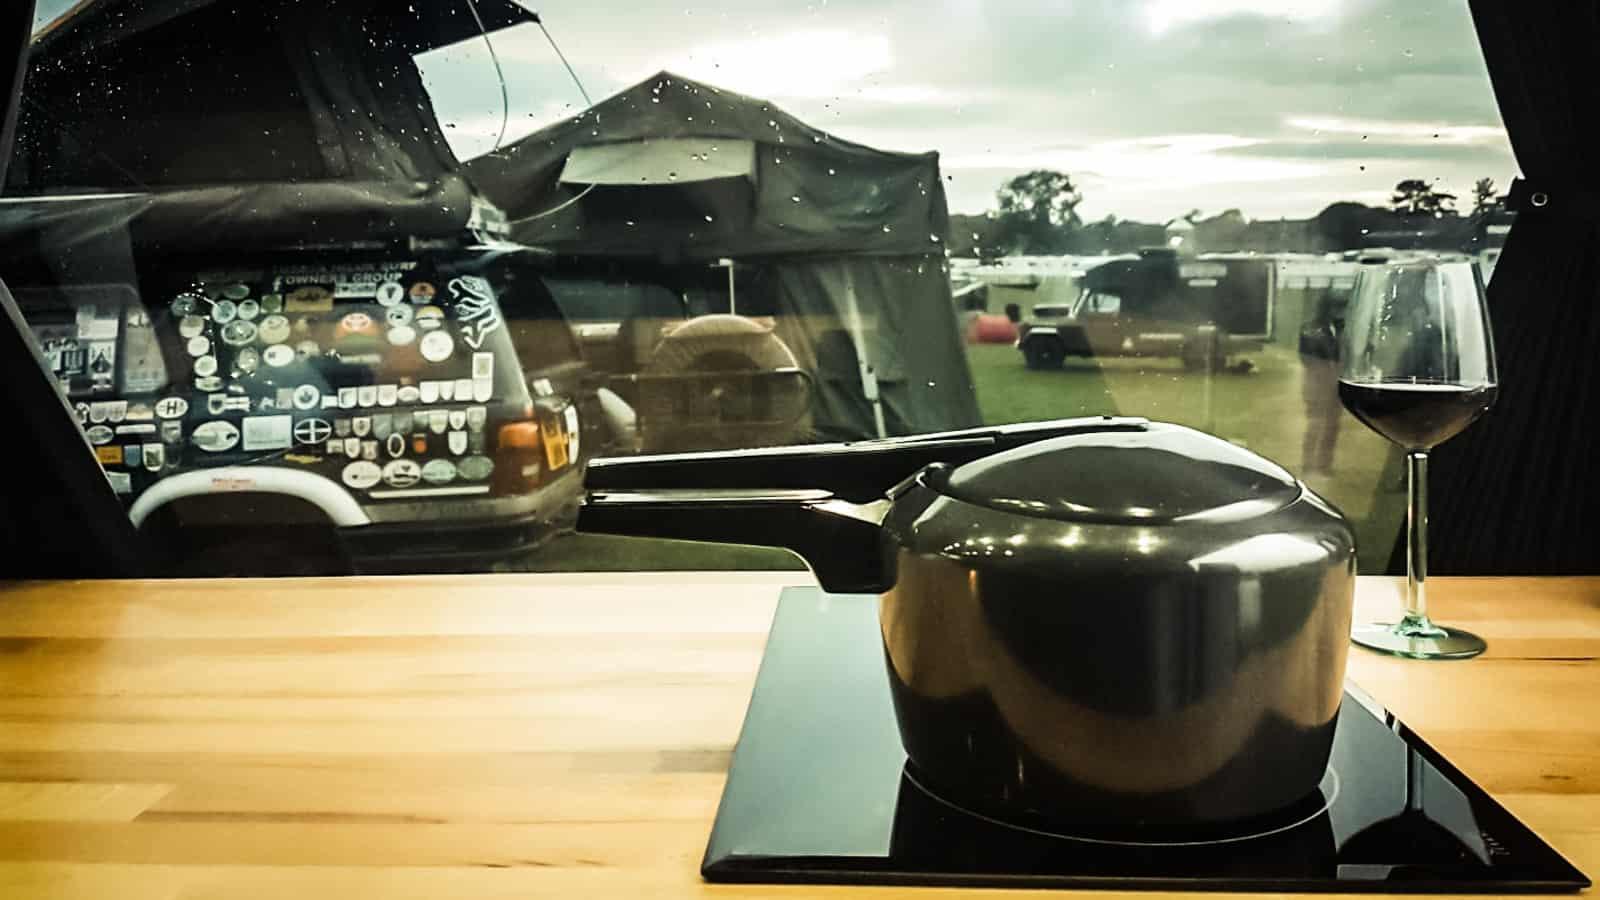 Camper kitchen accessories